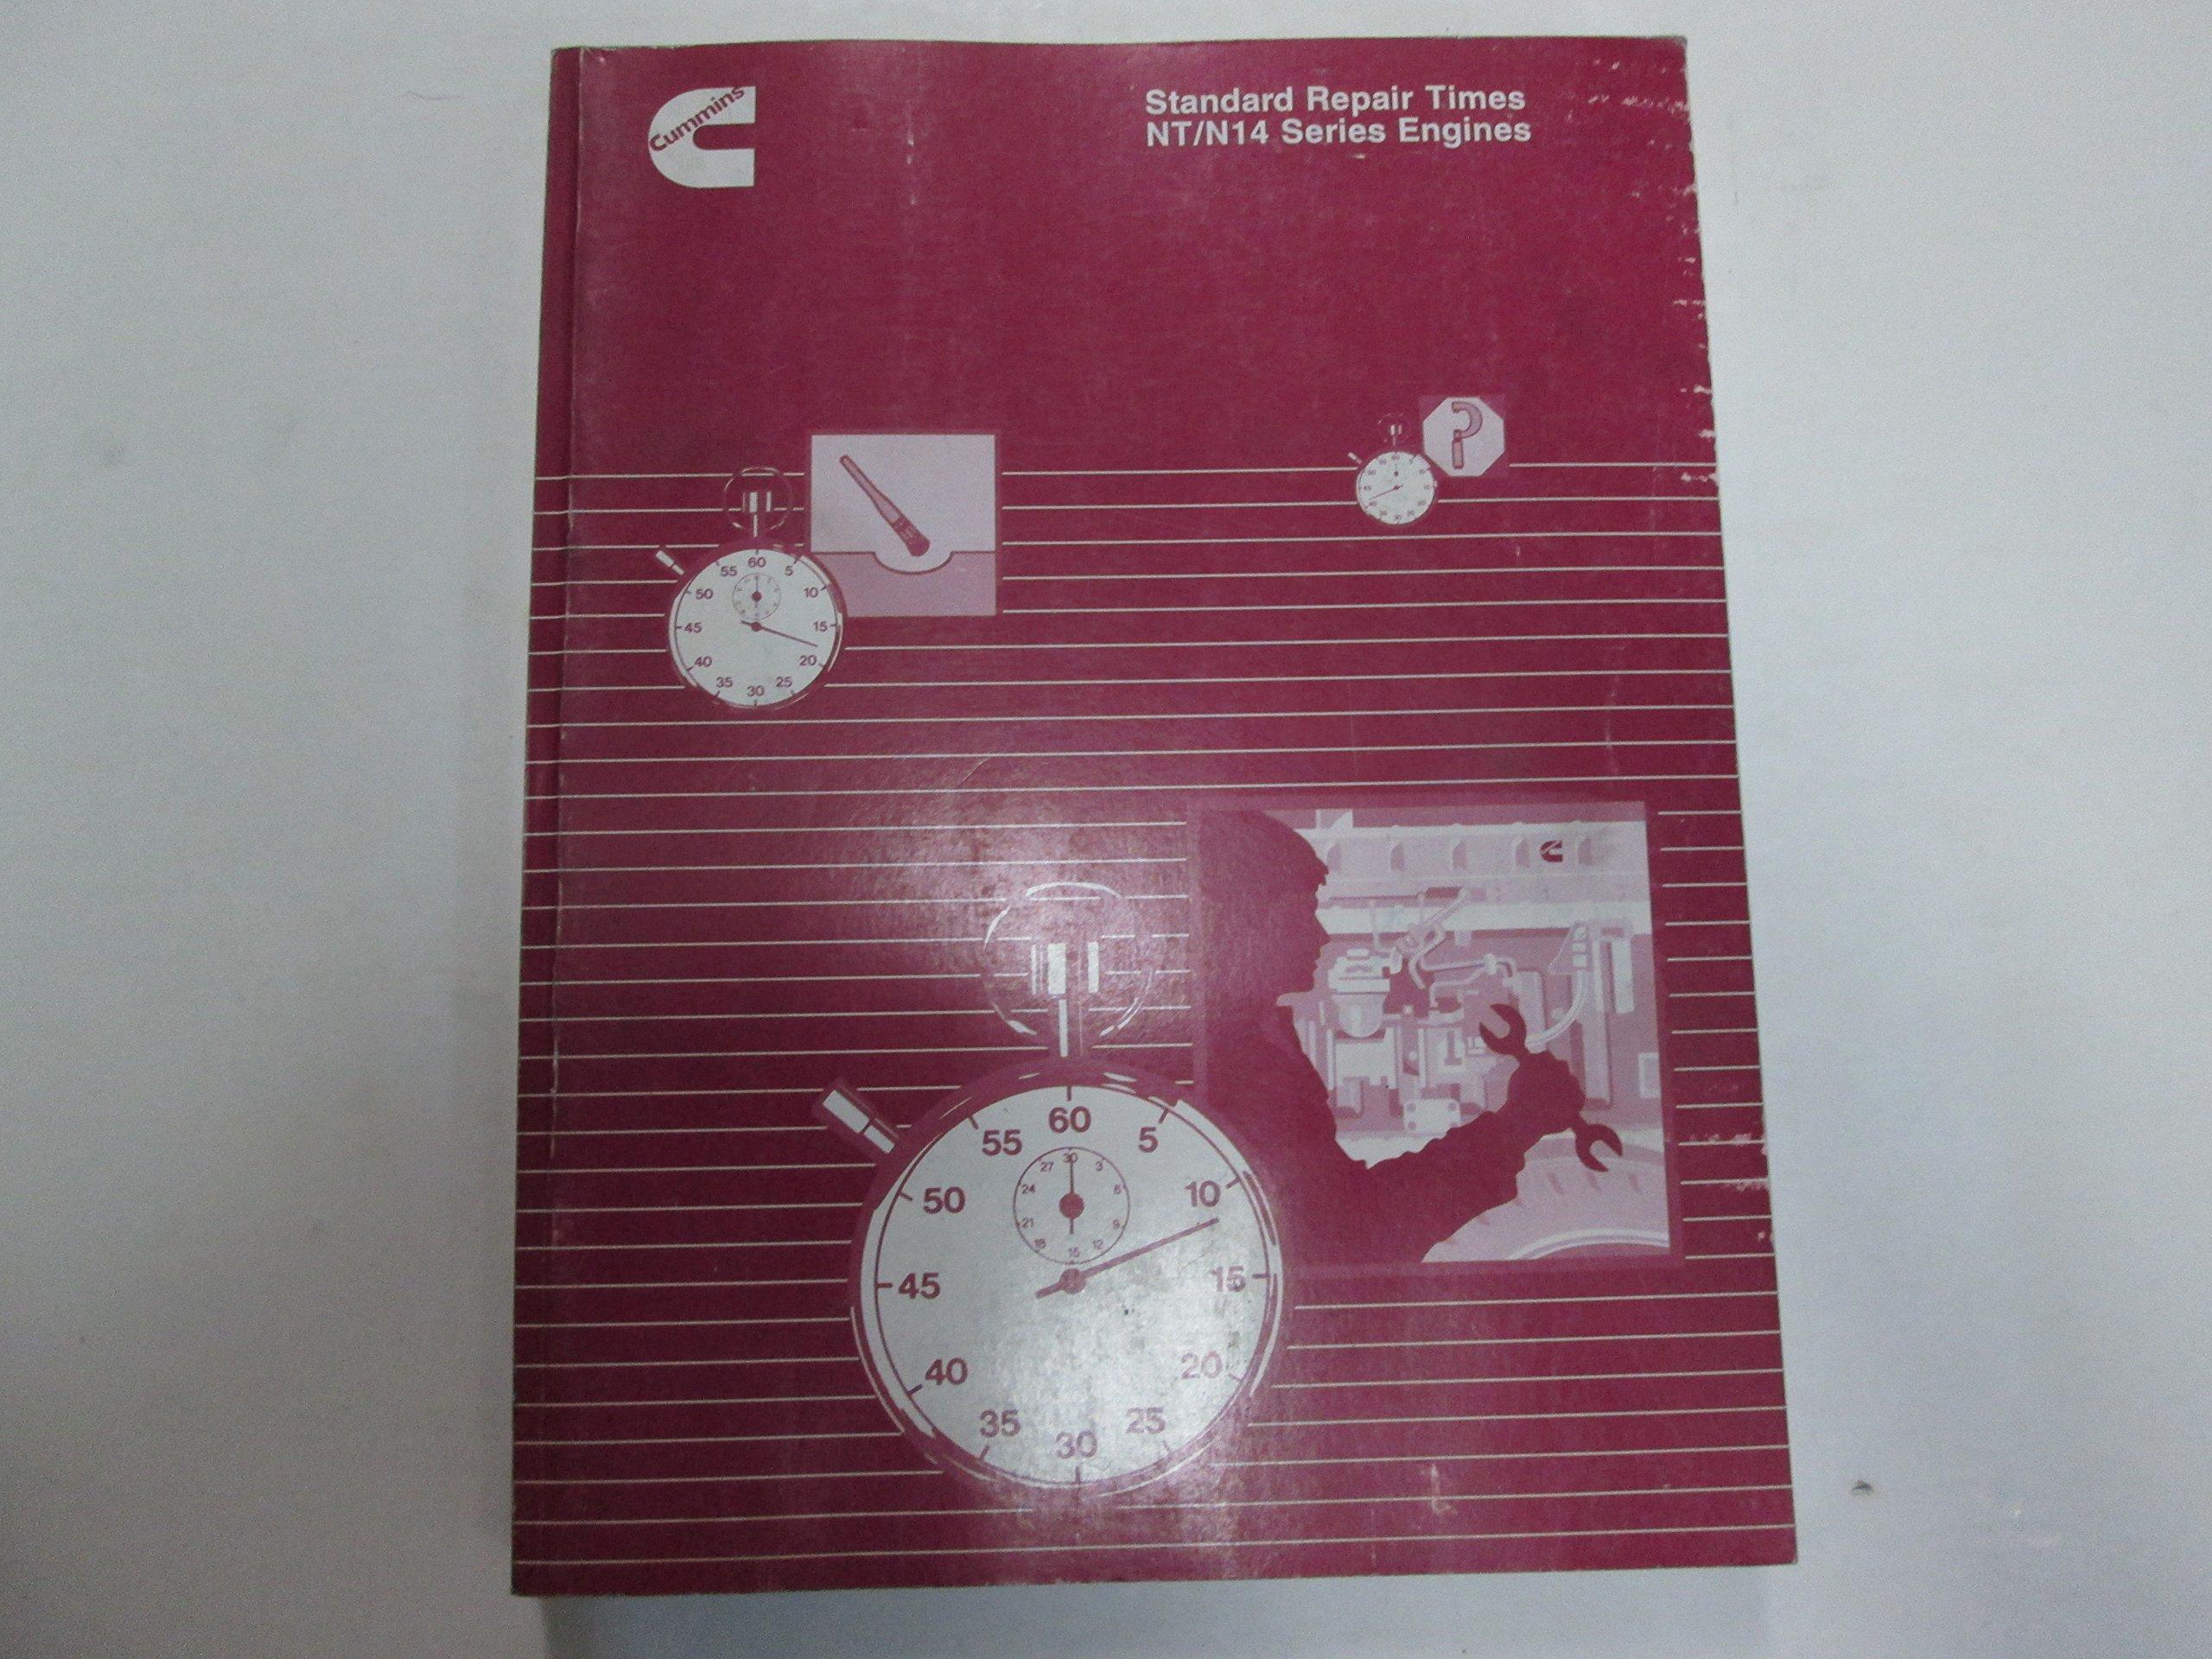 1993 Cummins NT N14 Series Engines Standard Repair Times